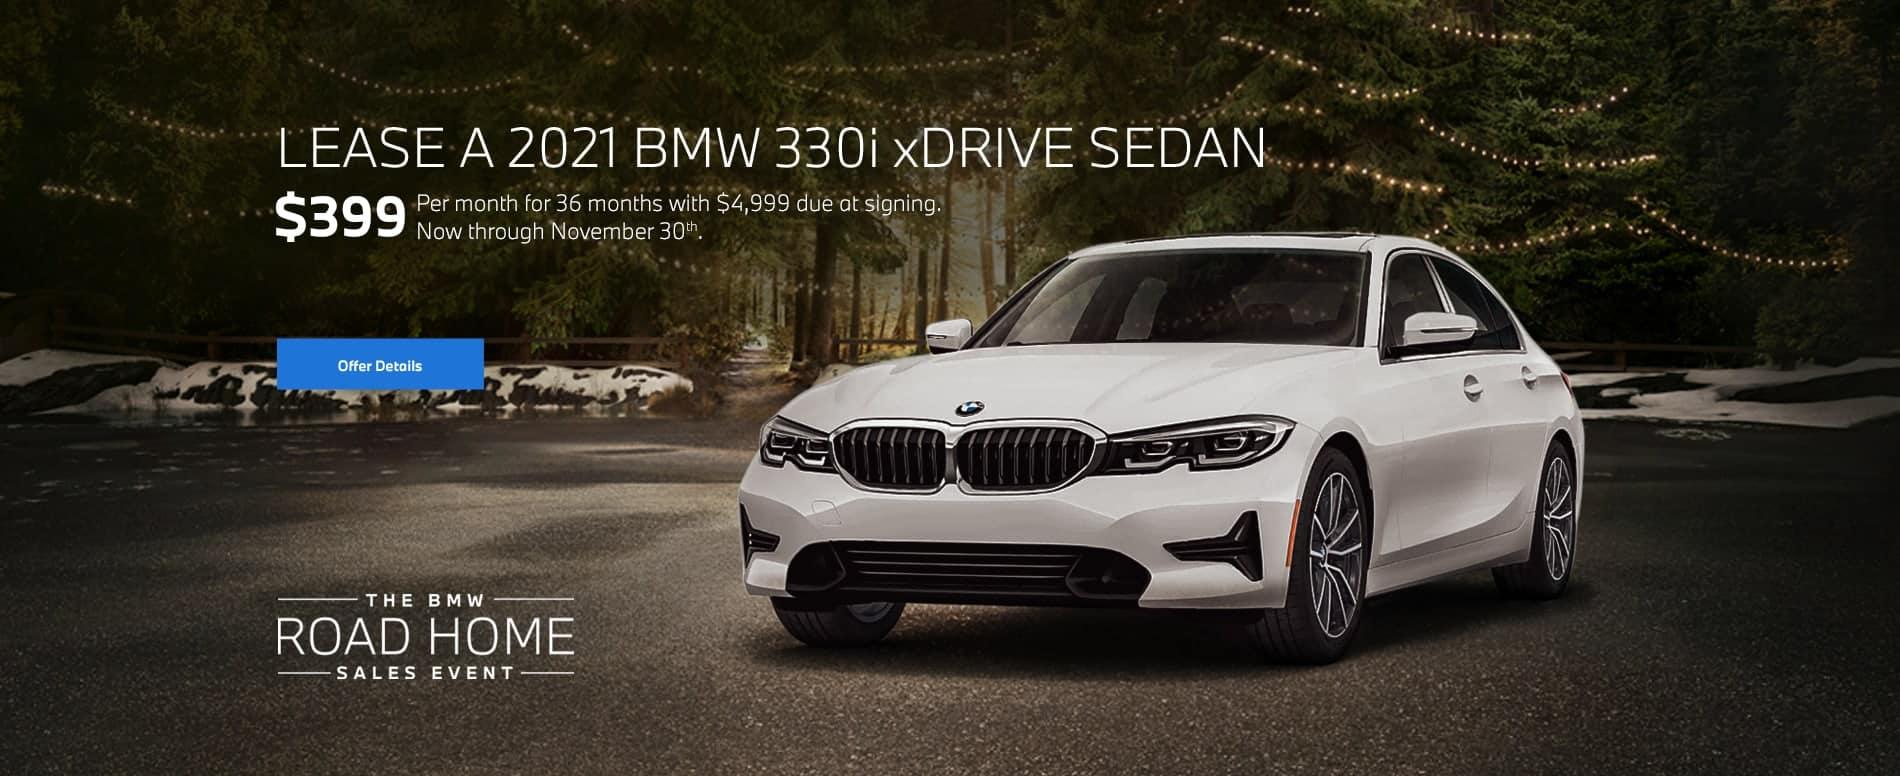 2021 BMW 330i xDrive Sedan Lease for $399/mo